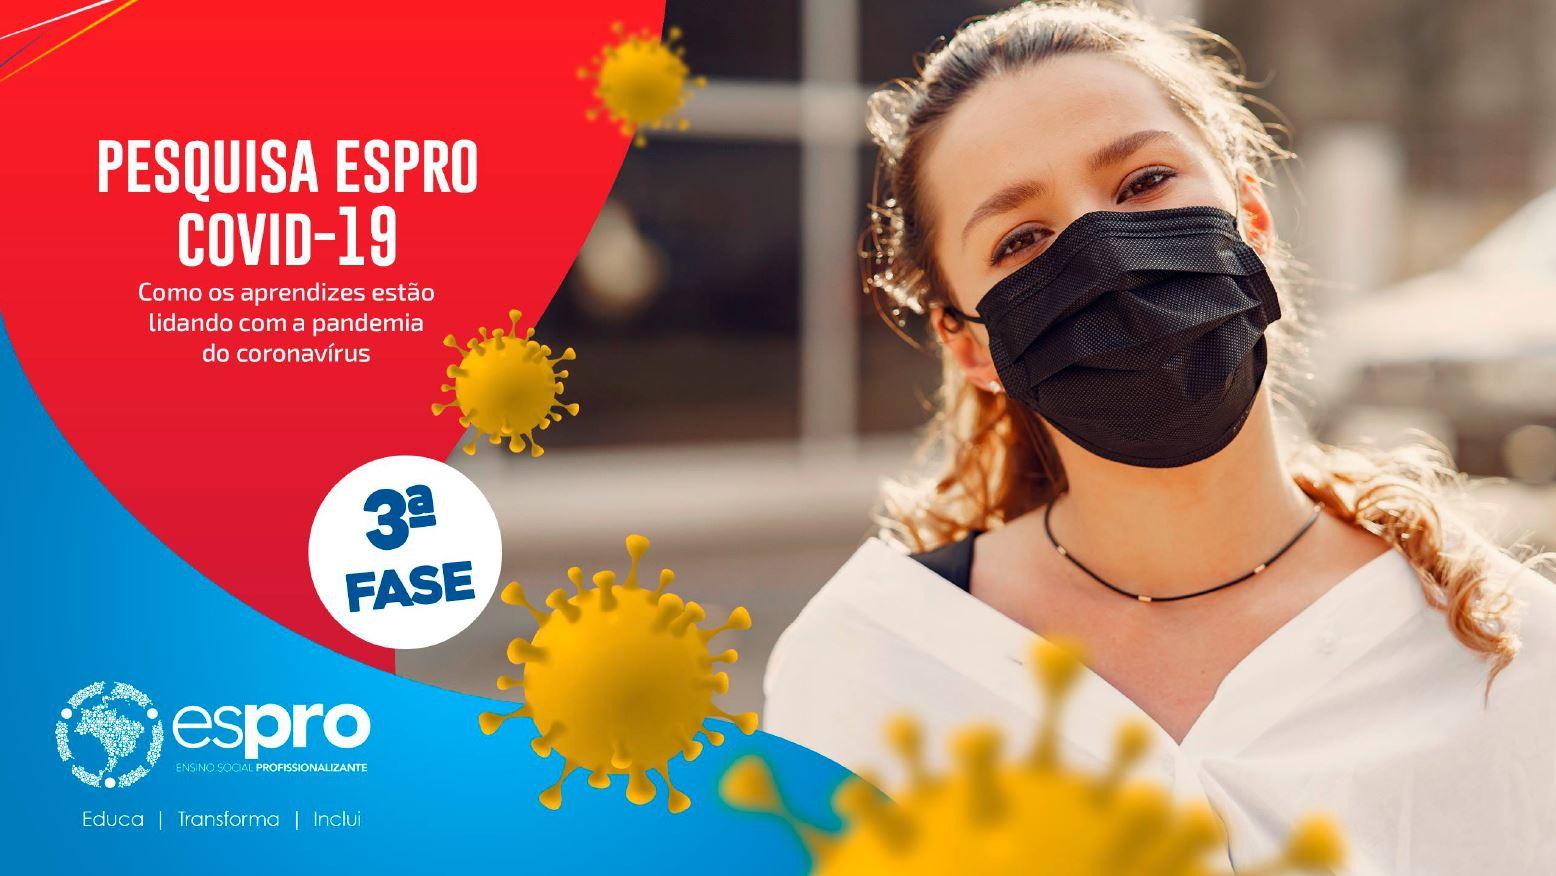 Pesquisa Espro identifica aumento de contaminação da Covid-19 em aprendizes e familiares